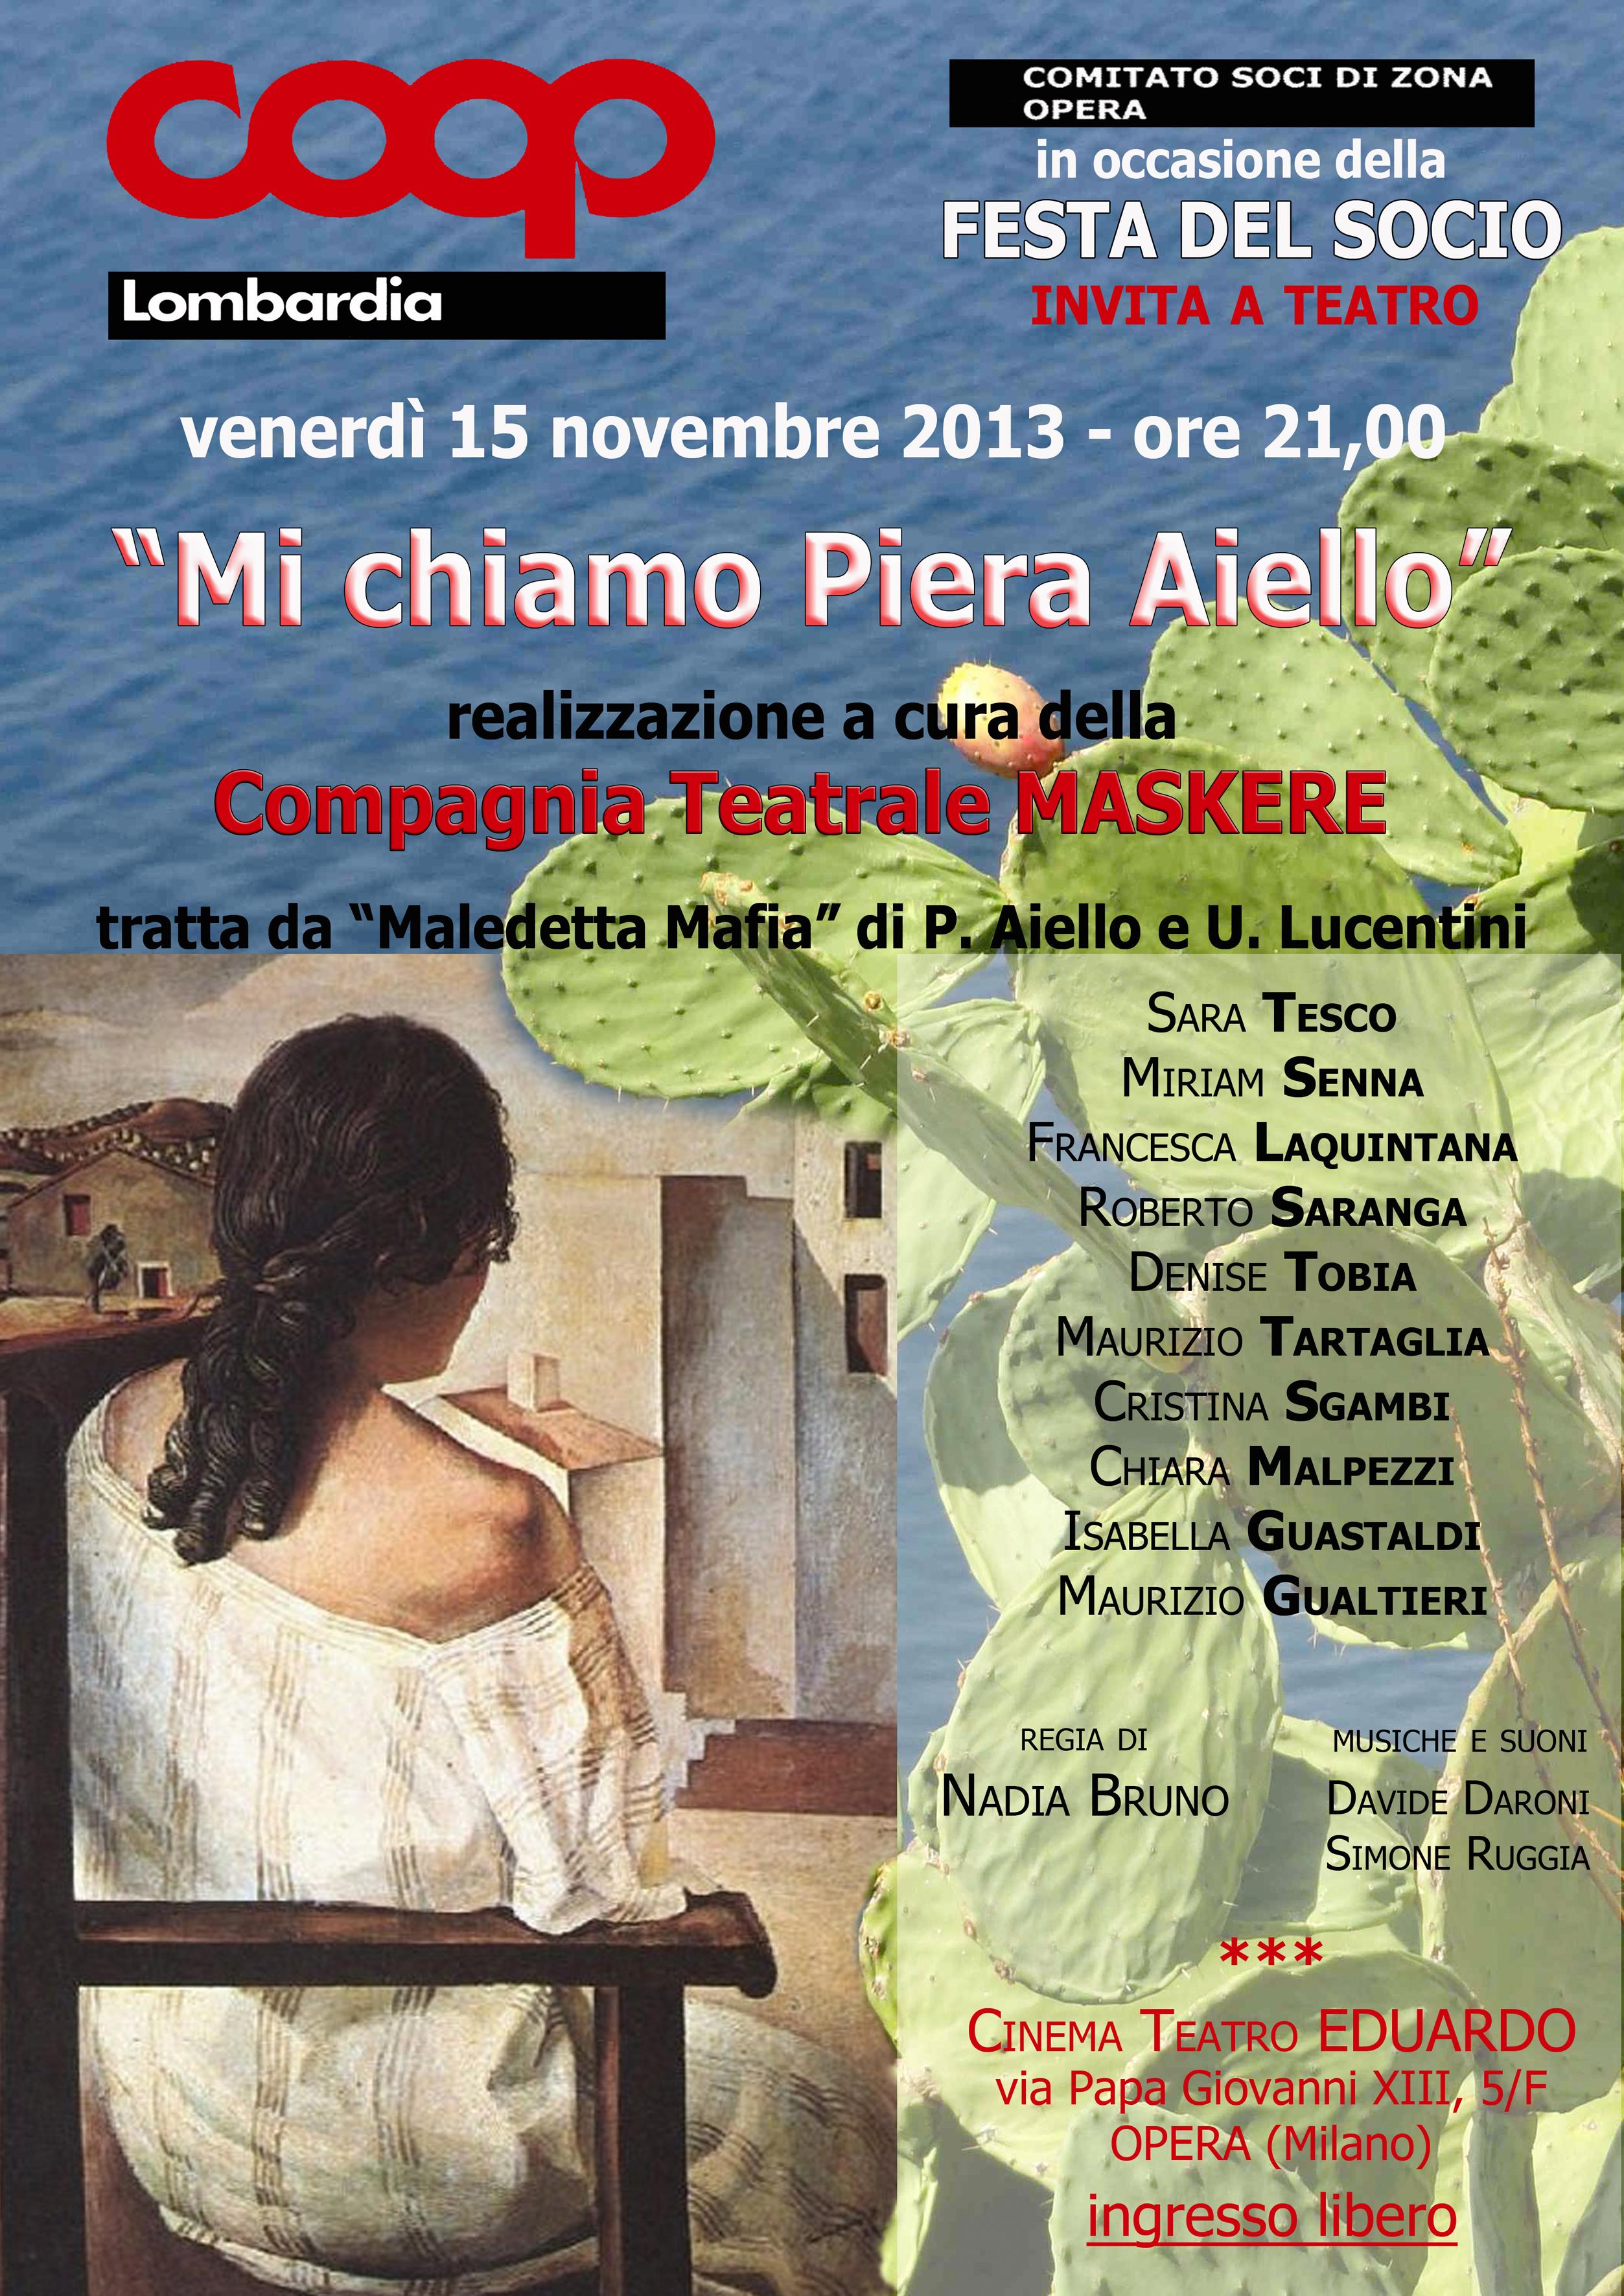 Mi chiamo Piera Aiello 15 11 13 Opera